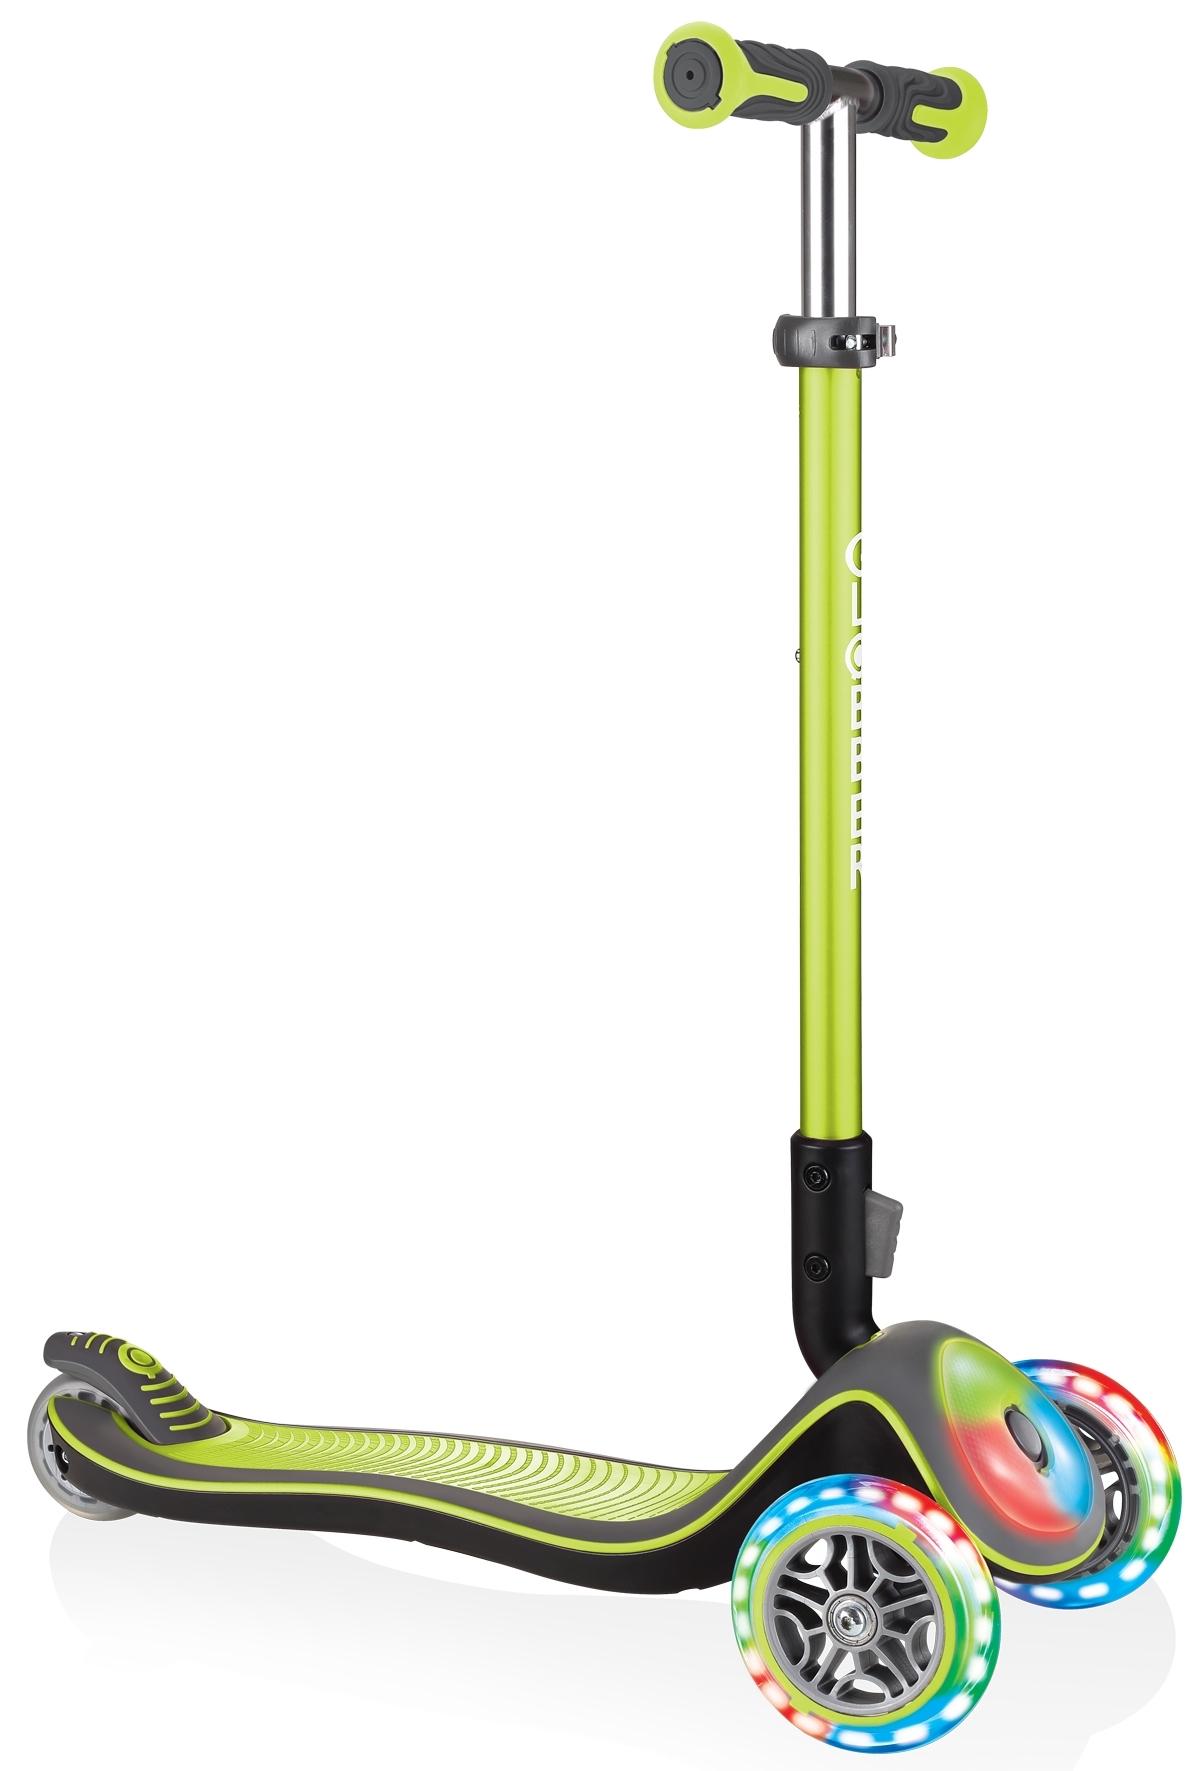 Купить Трёхколёсный самокат Globber ELITE DELUXE FLASH LIGHTS зелёный, Самокаты детские трехколесные